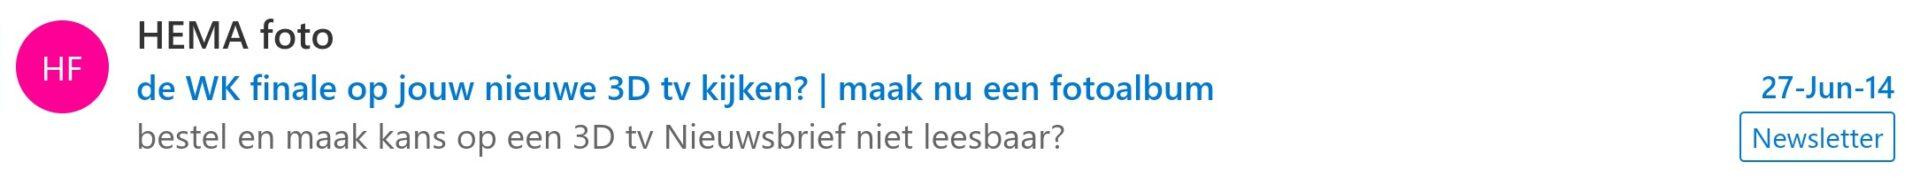 e-mail voorbeeld hema